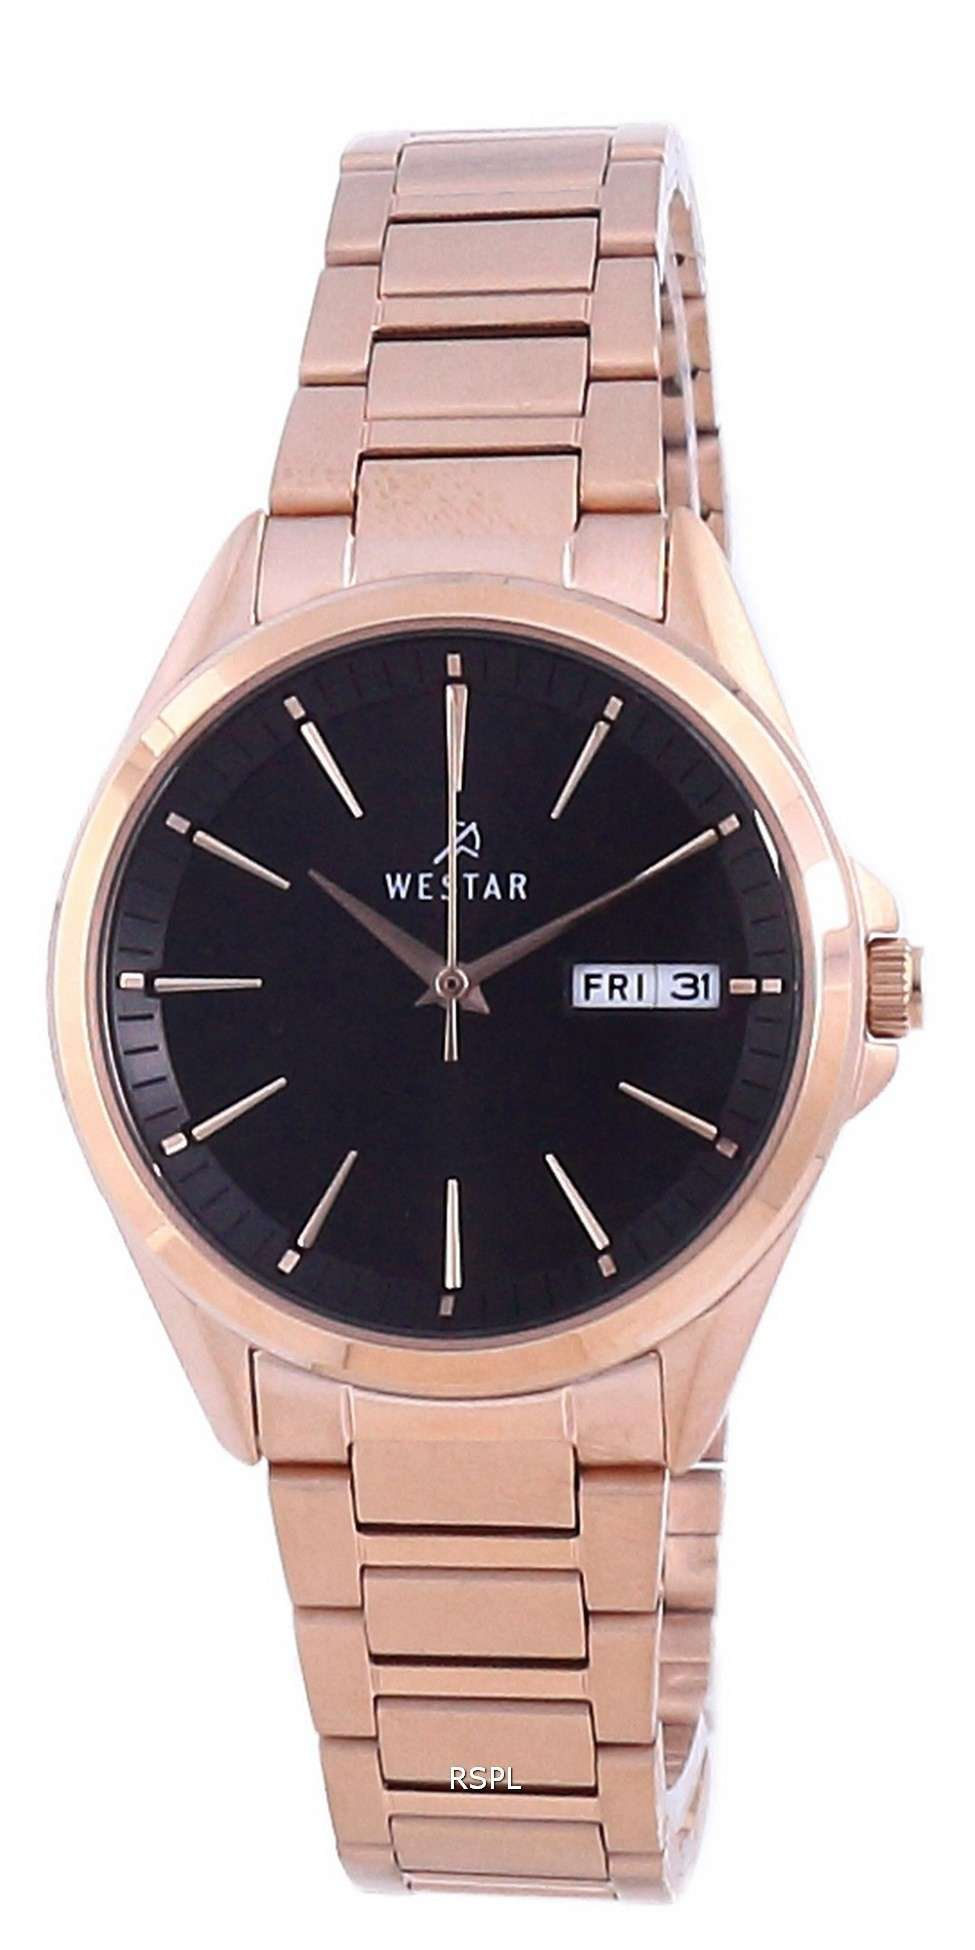 Westar, esfera negra, tono dorado rosa, acero inoxidable, cuarzo 40212 PPN 603, reloj para mujer